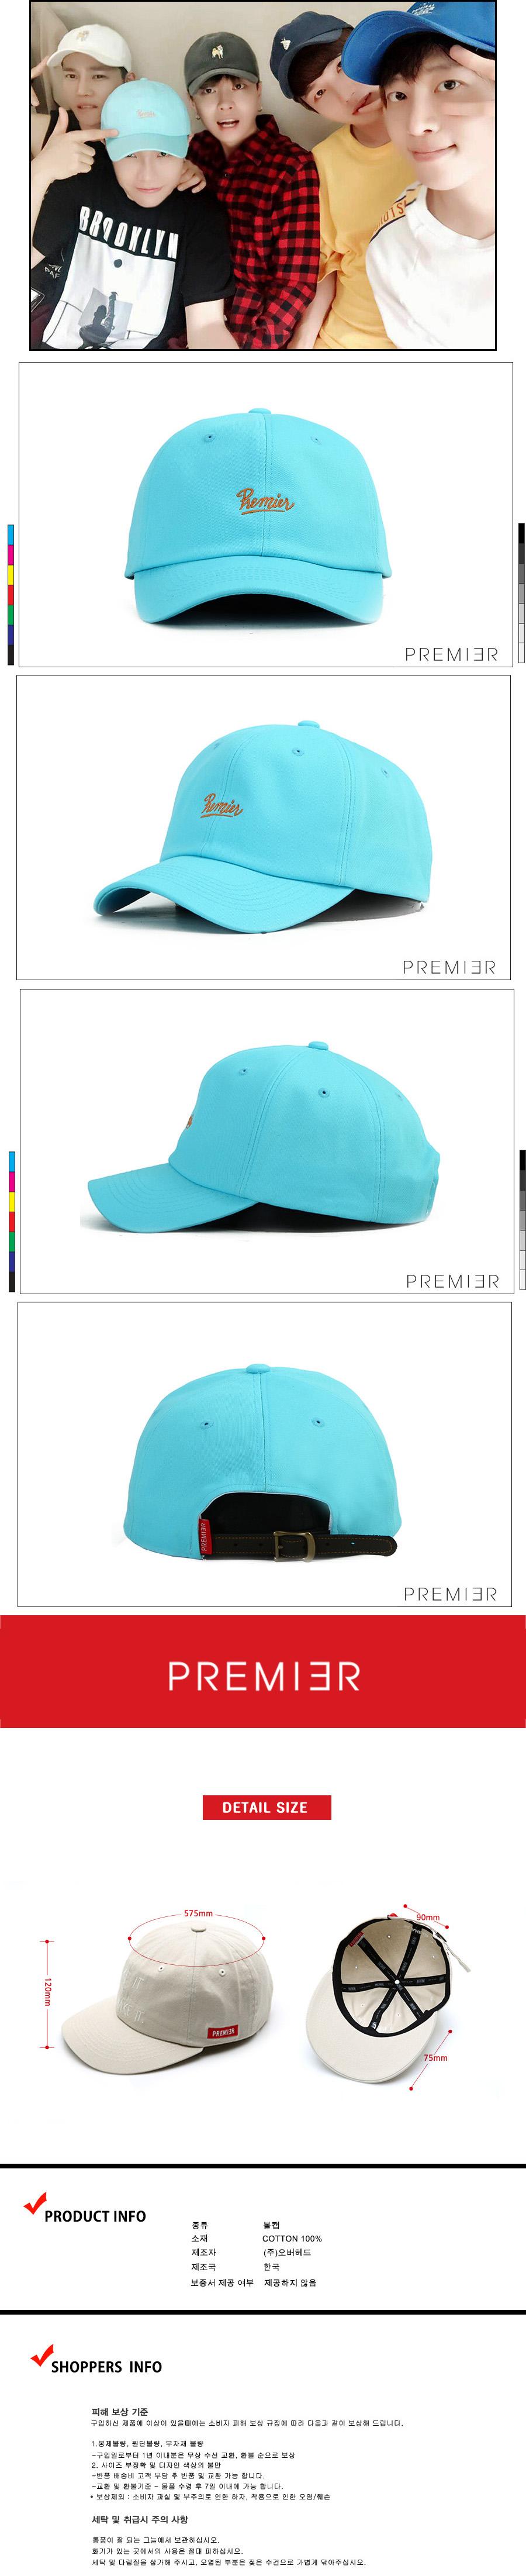 [ PREMIER ] [卓越]球帽总理强调天空蓝(P904)